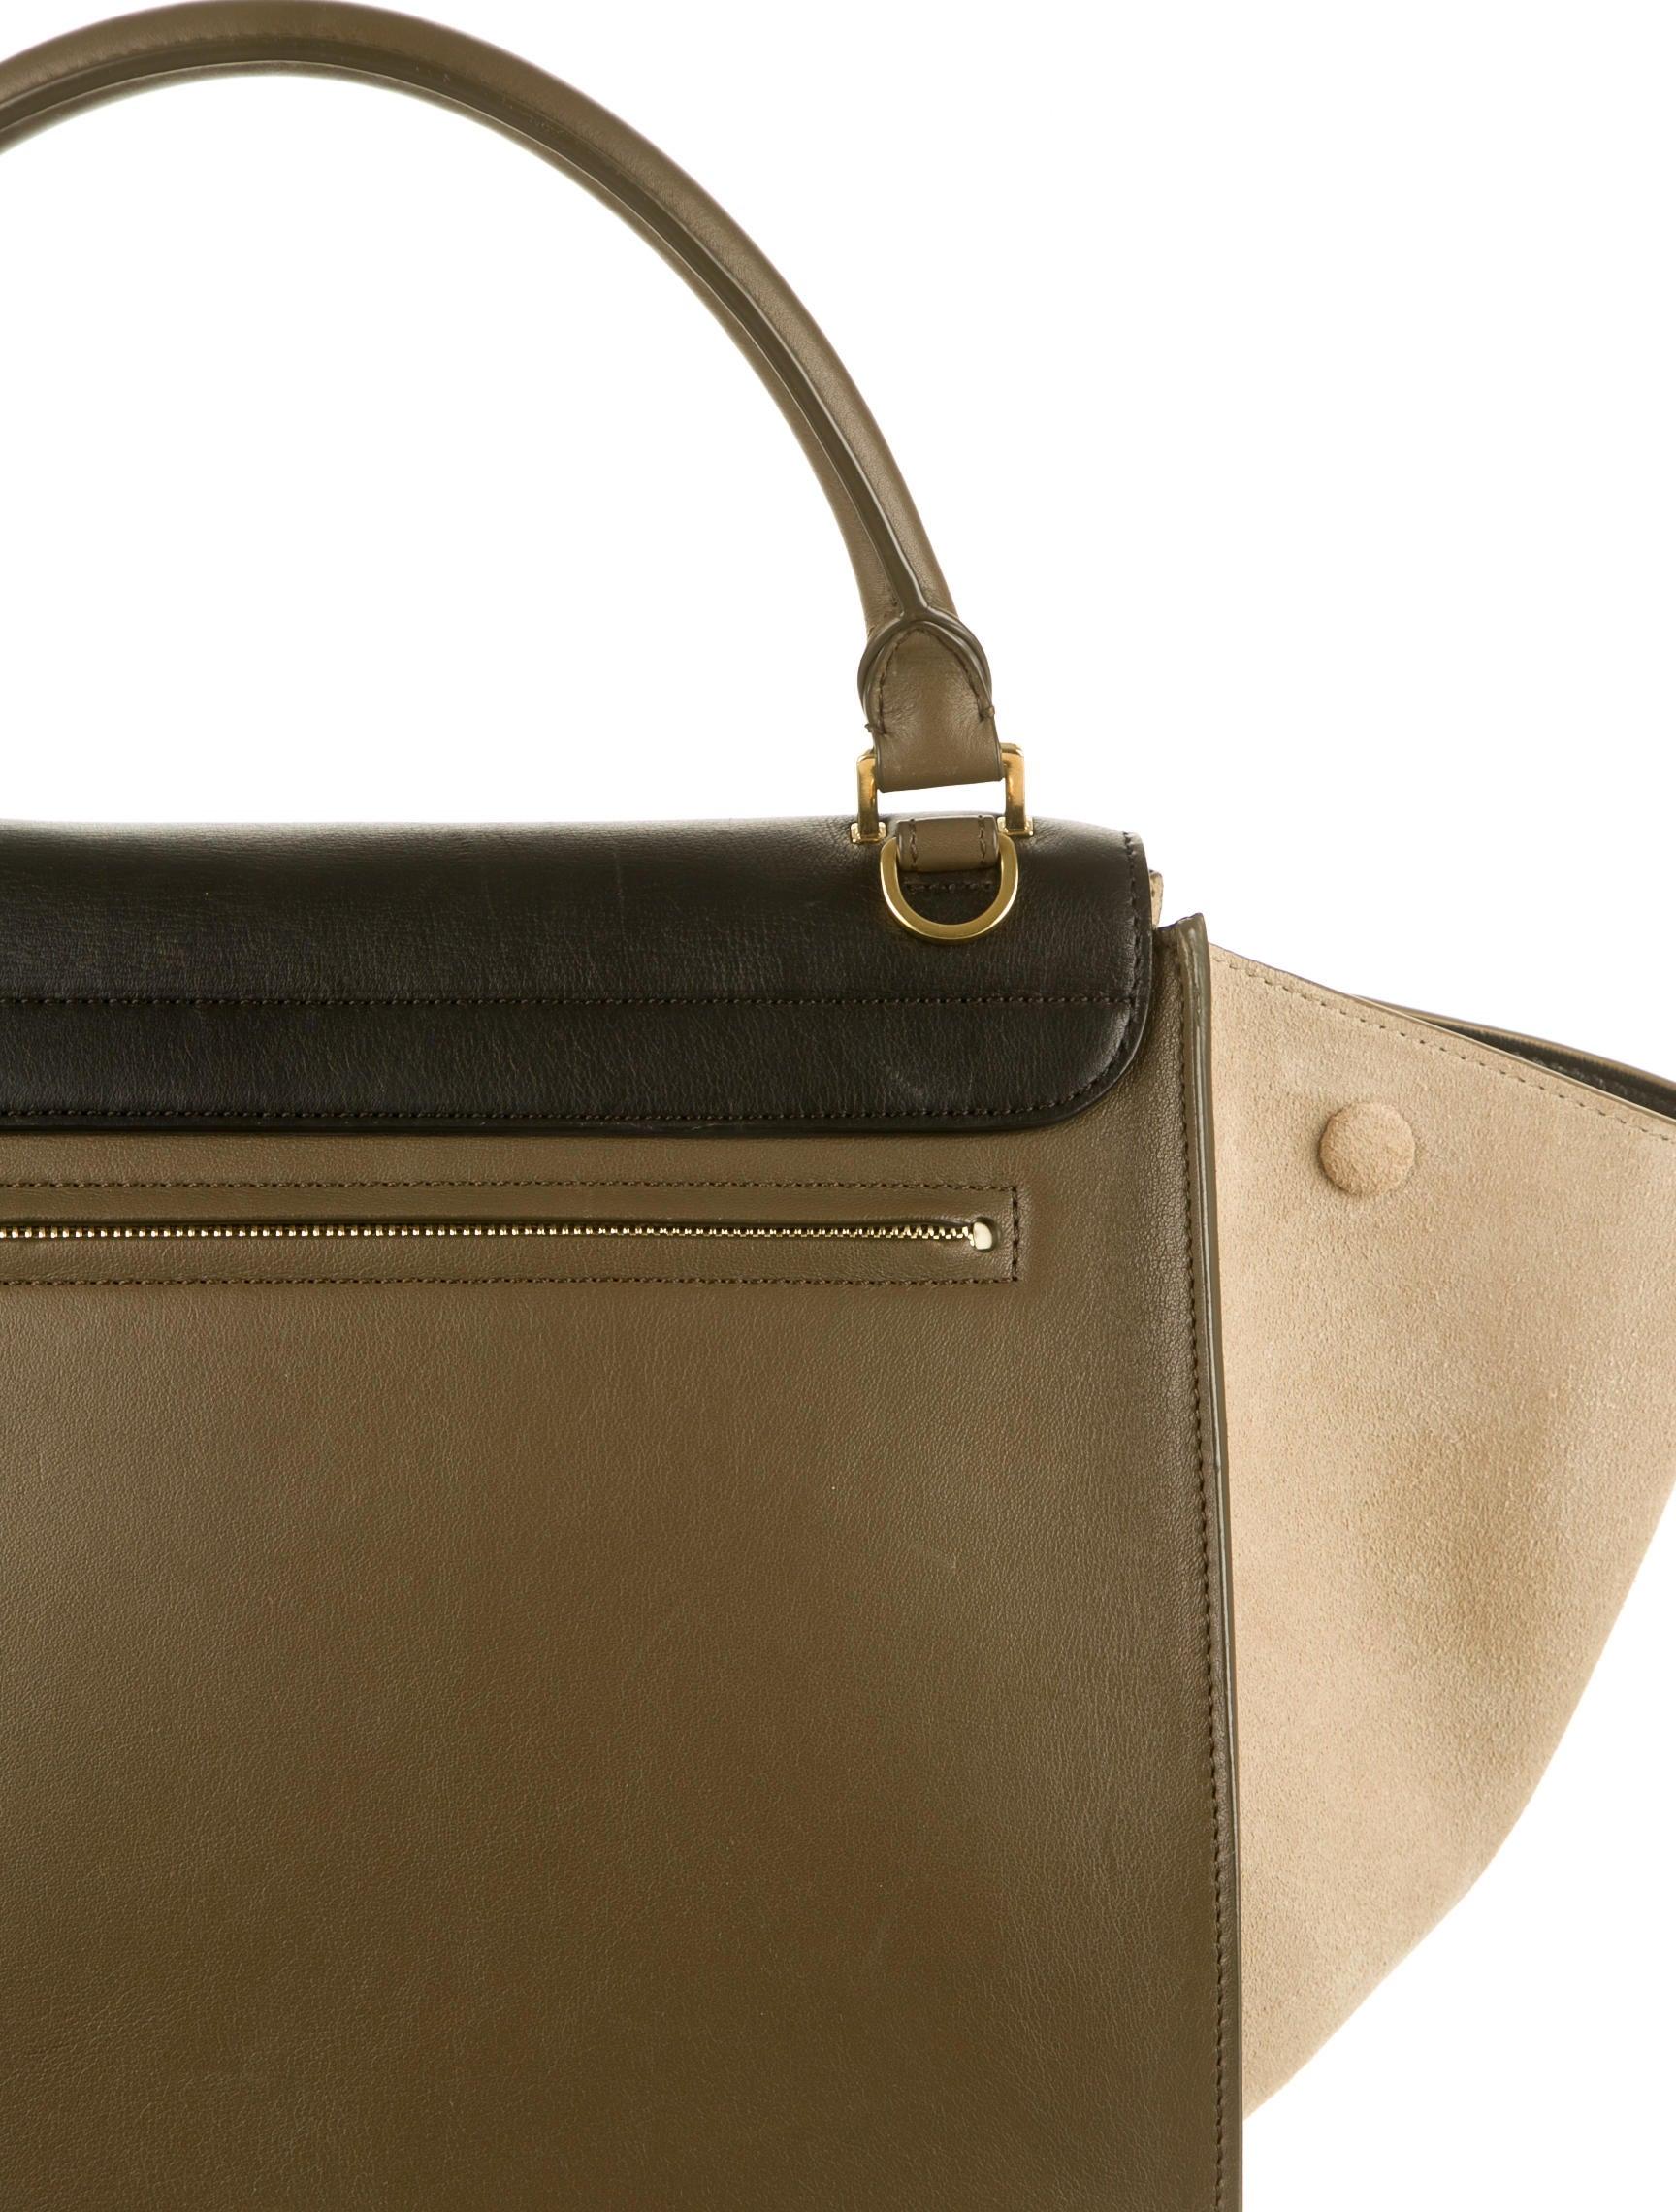 celine replica bags - celine medium trapeze bag w tags, celine luggage mini price uk